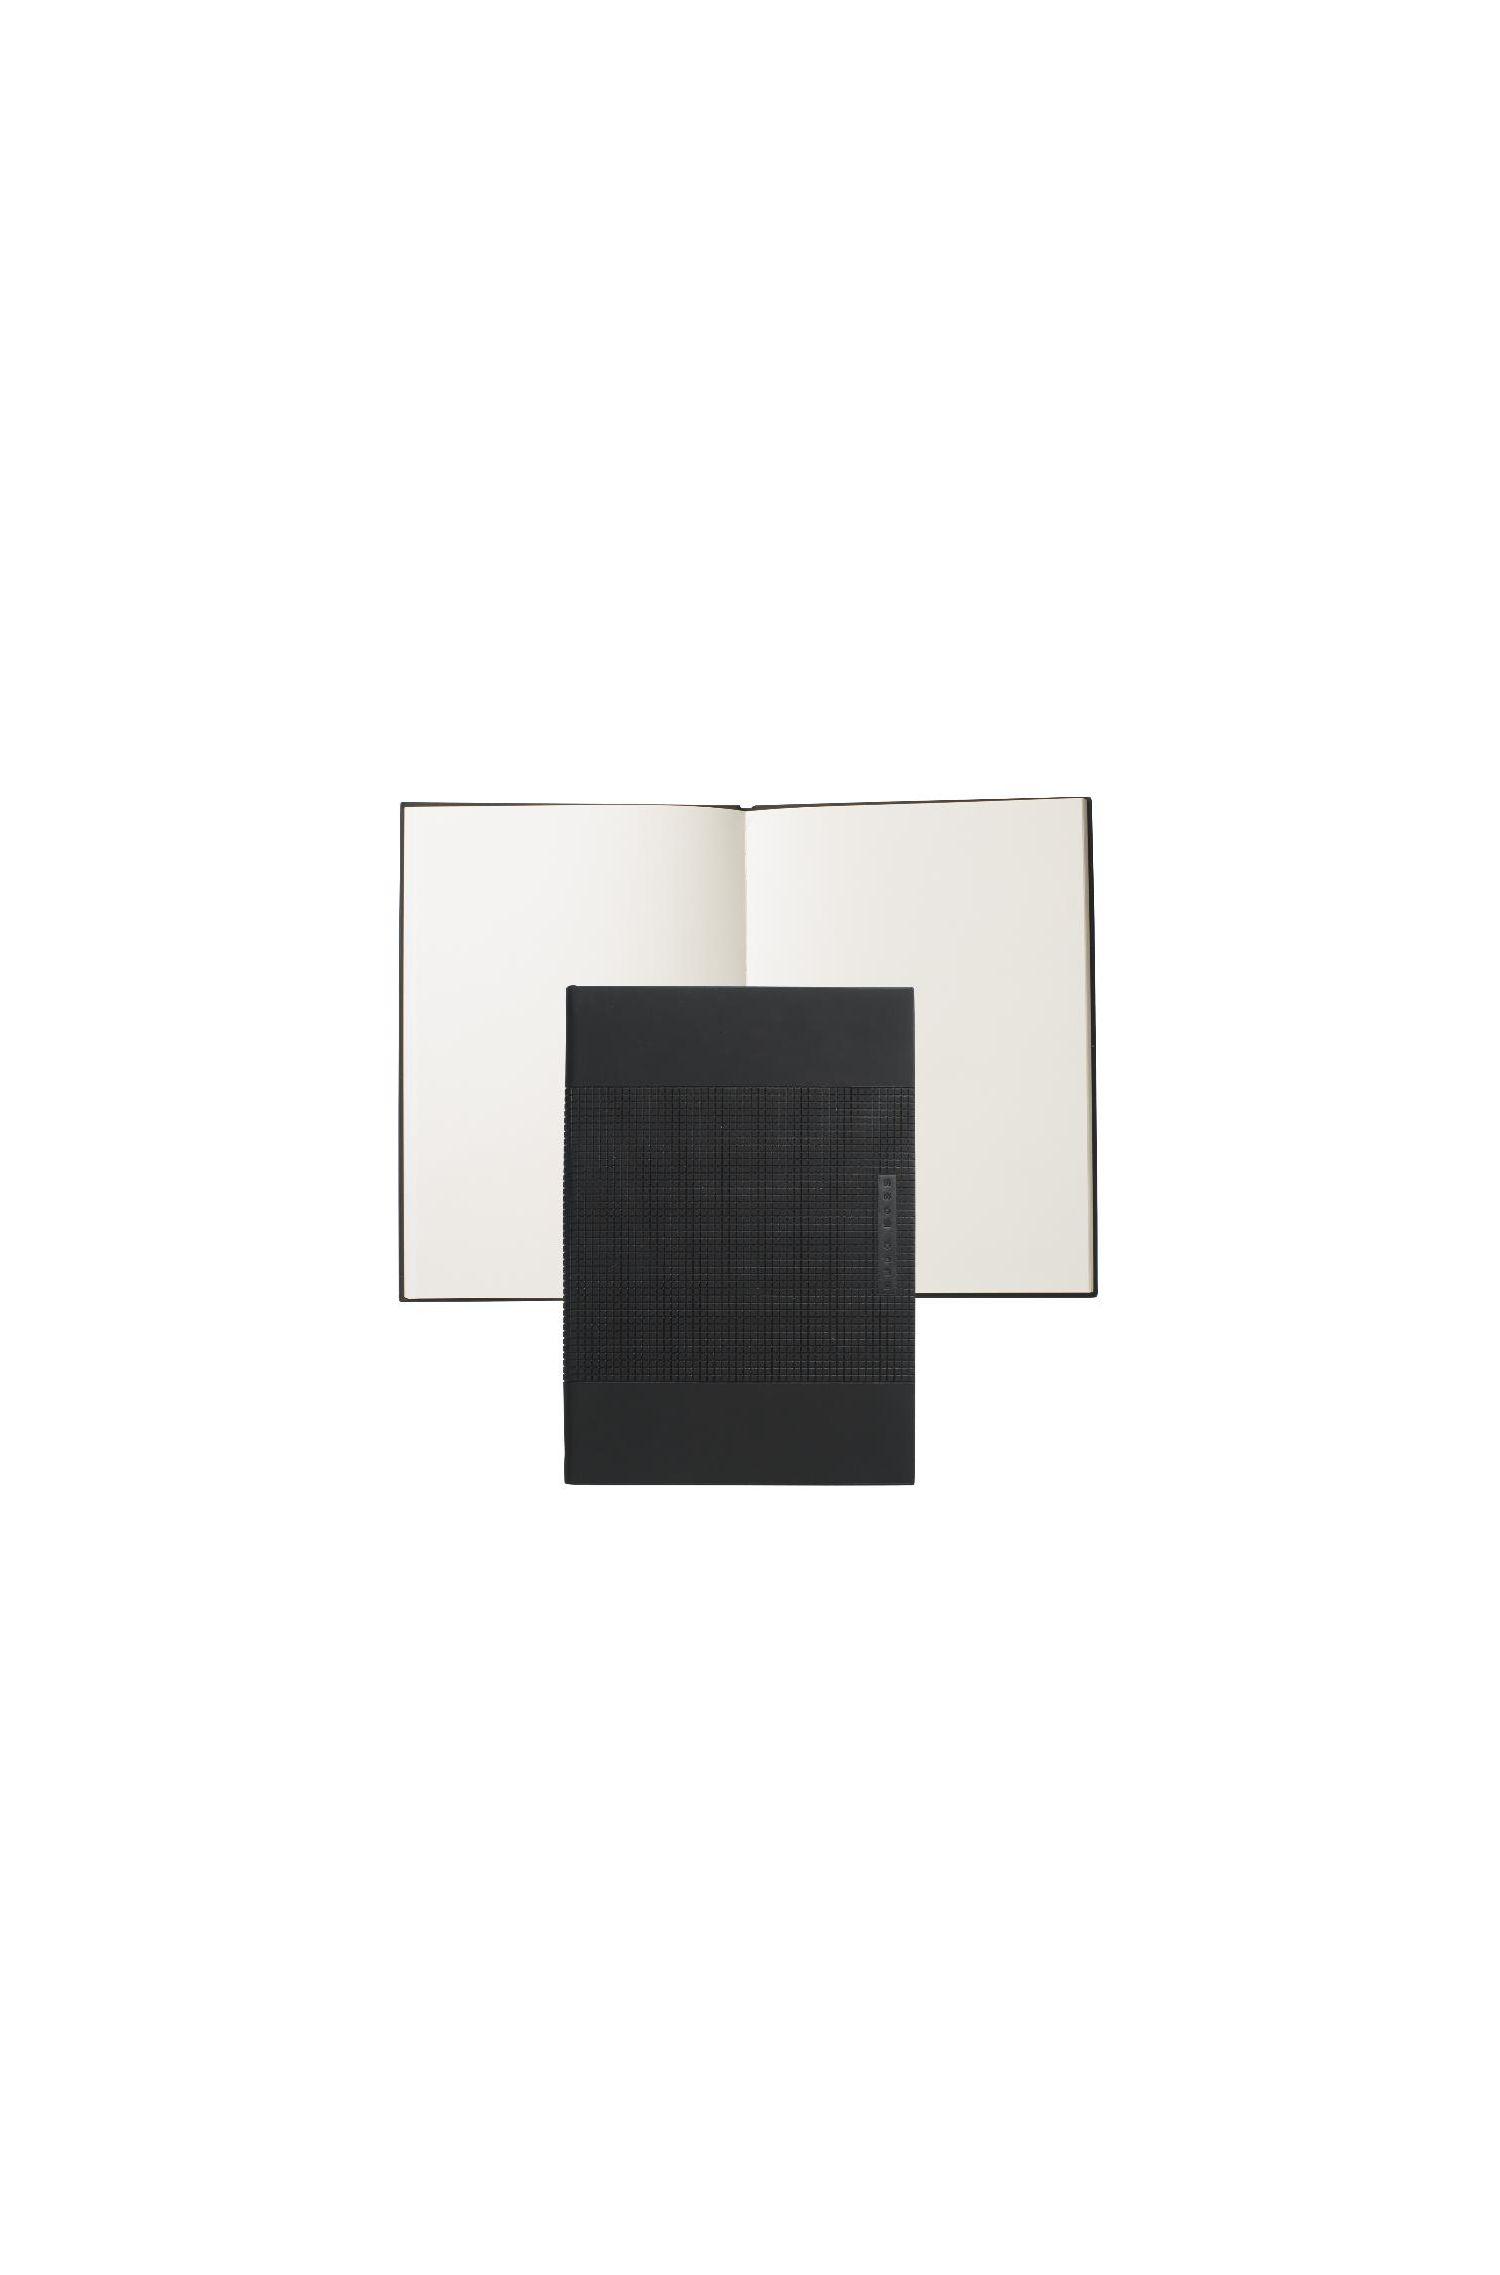 Notitieboek in DIN A5-formaat met gestructureerde harde kaft: 'Grid'